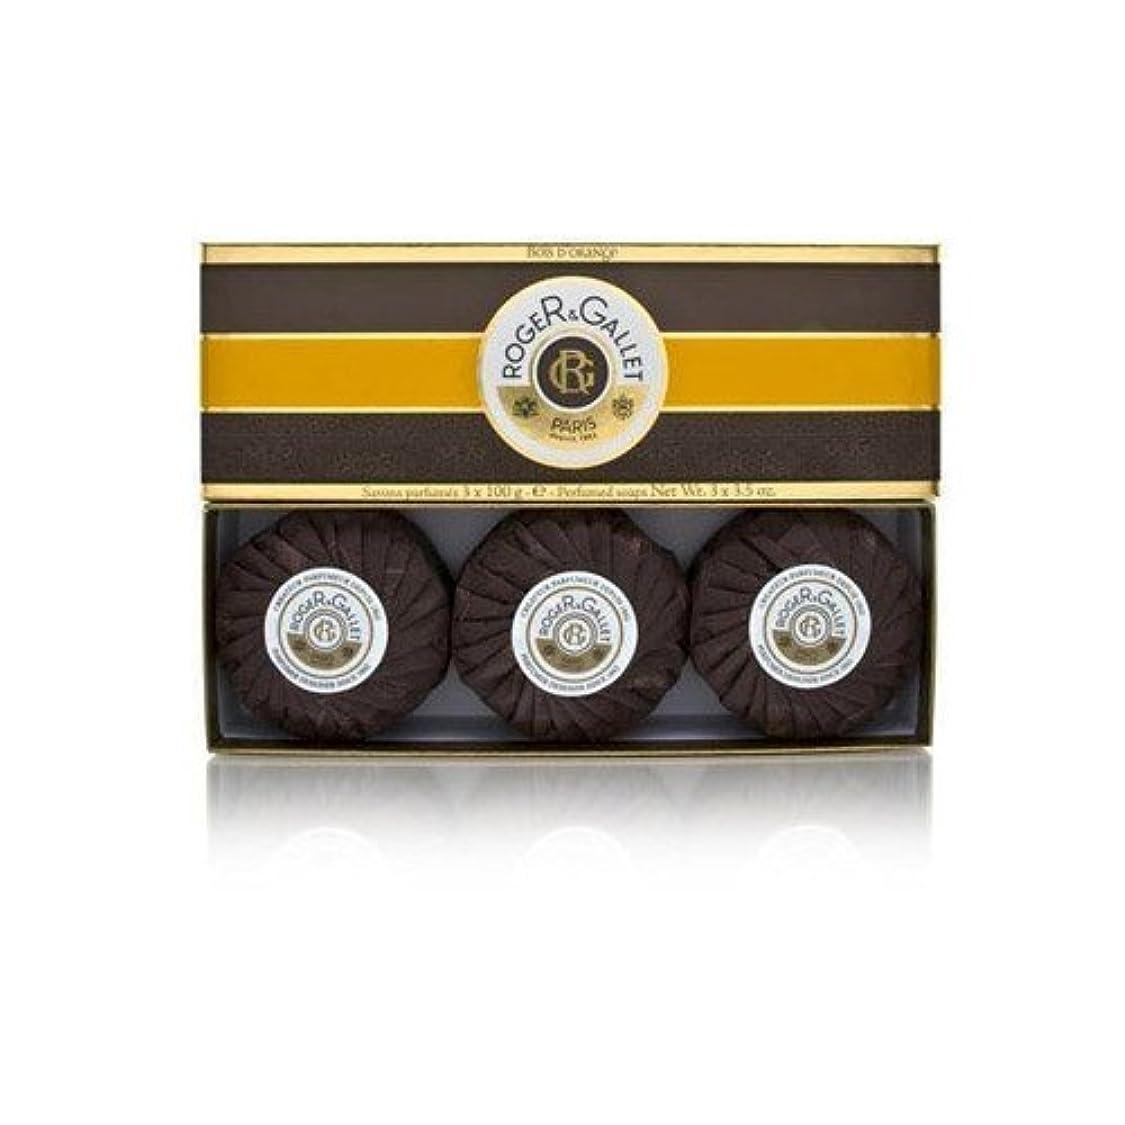 ロジェガレ ボワ ドランジュ (オレンジツリー) 香水石鹸3個セット ROGER&GALLET BOIS D'ORANGE PERFUMED SOAP [0161]